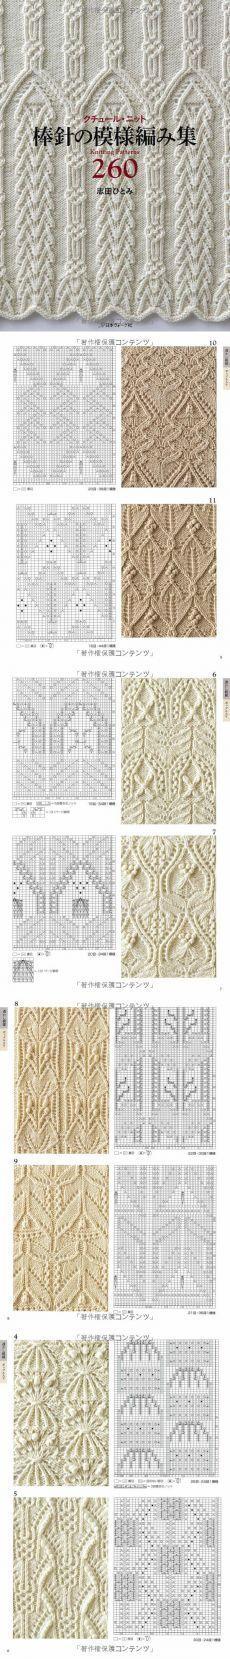 흐릿해보이지만 사이트에 들어가면 선명하게 보임. 다른 도안도 많음ㅎ ** Pattern knitting collection 260 by Shida Hitomi